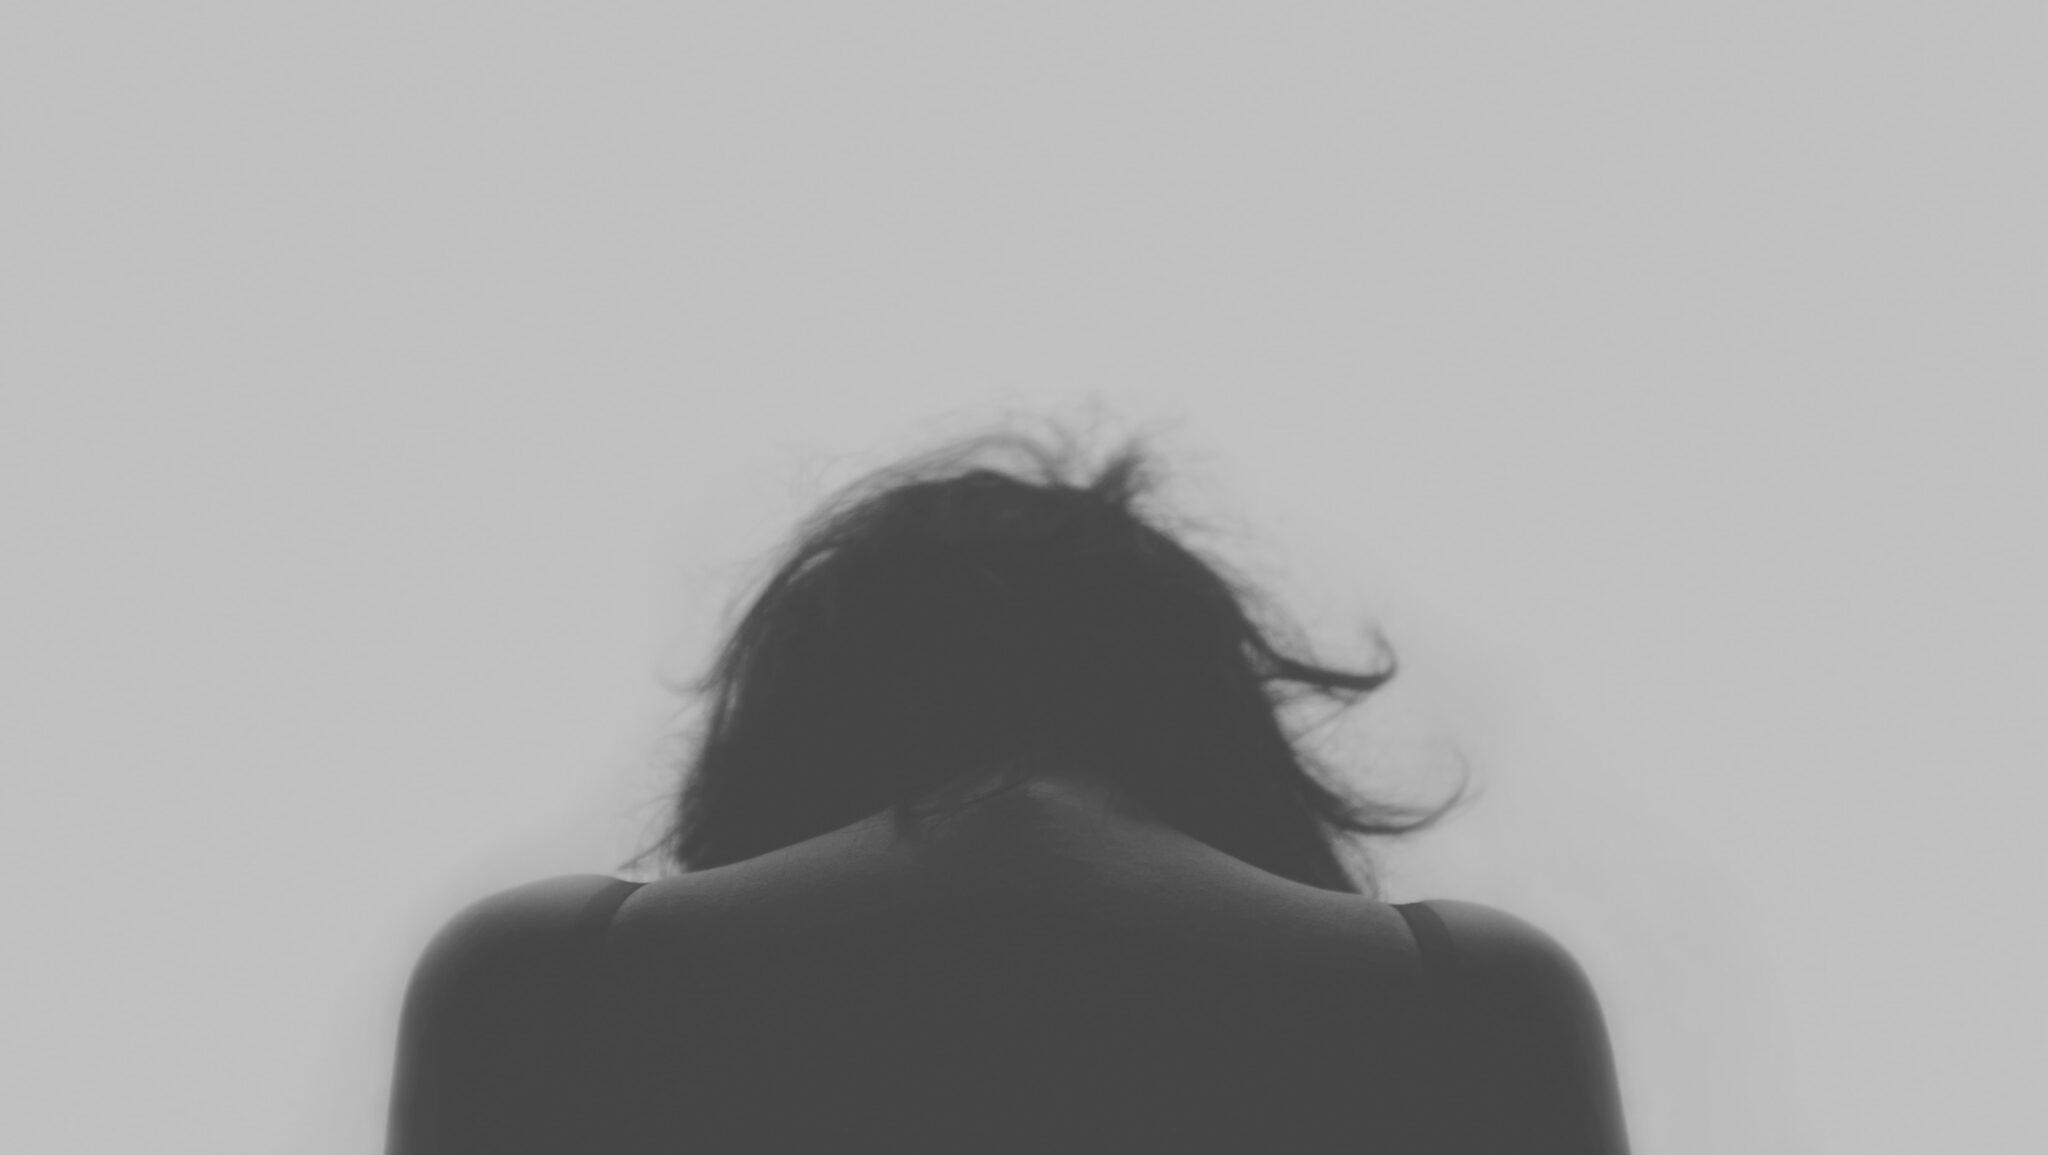 Frauenkopf von hinten, Schwarz-Weiss-Foto.